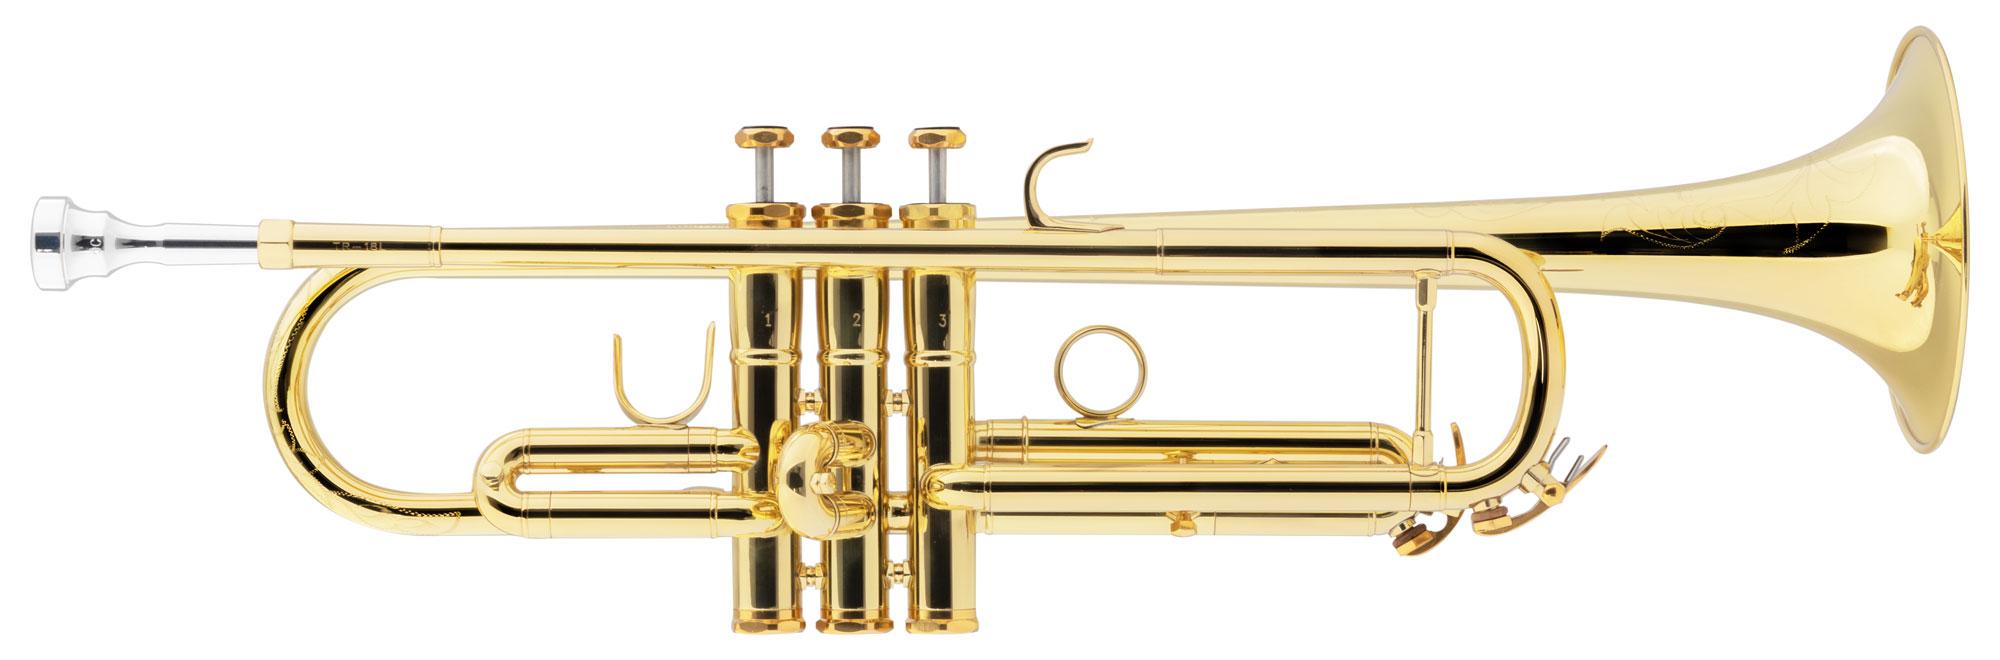 Trompeten - Lechgold TR 18L Bb Trompete lackiert - Onlineshop Musikhaus Kirstein